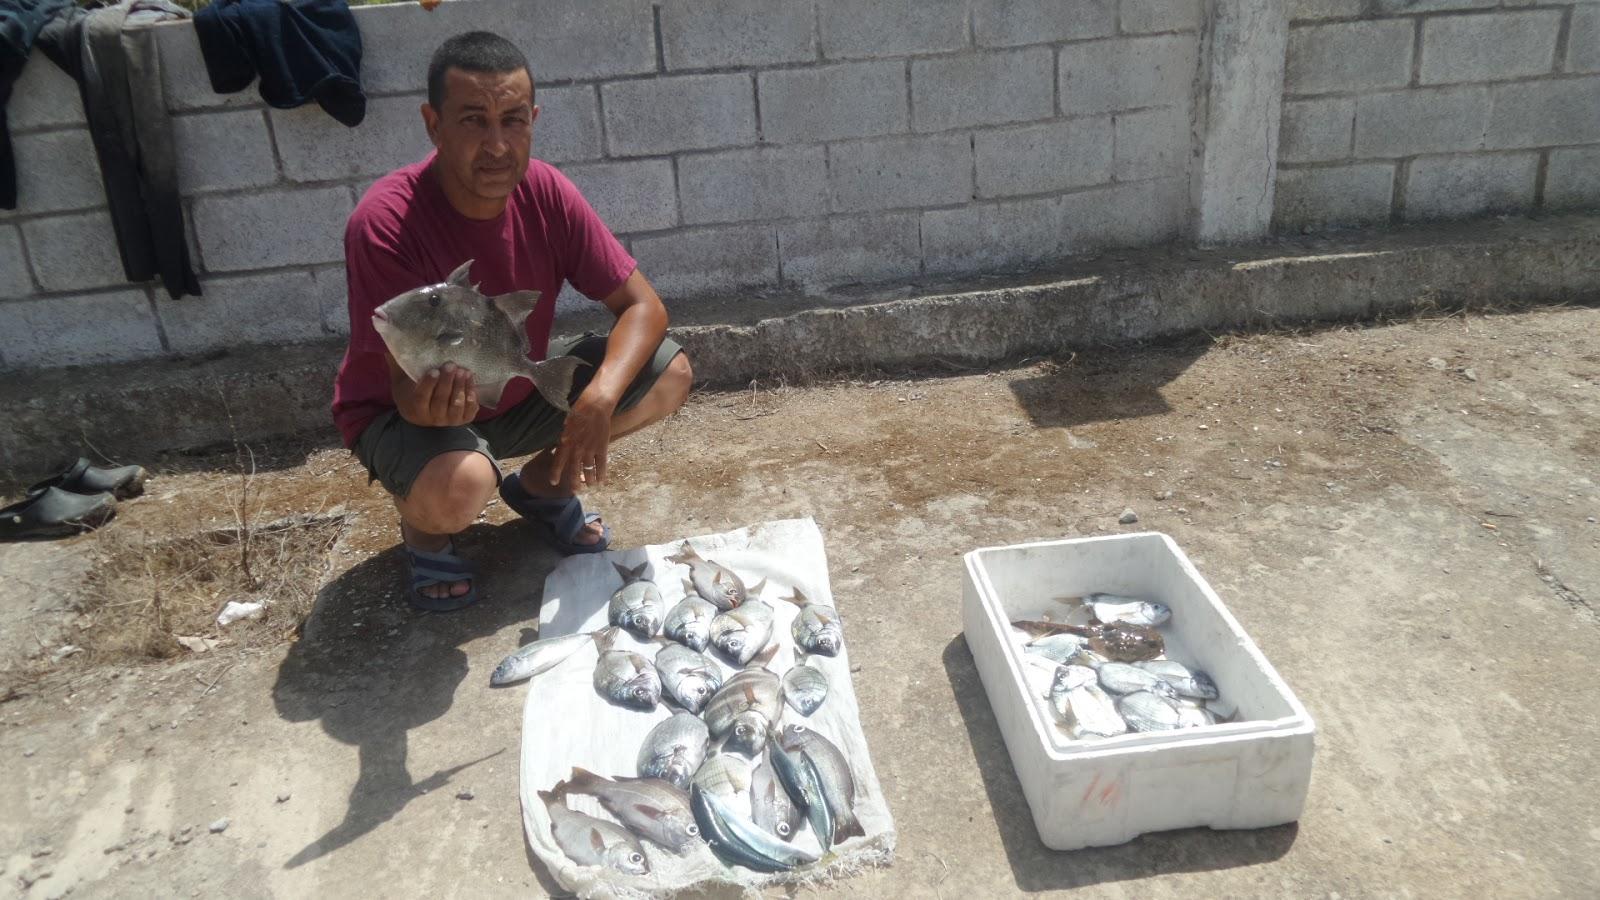 Les montants de la foreuse pour la pêche dhiver